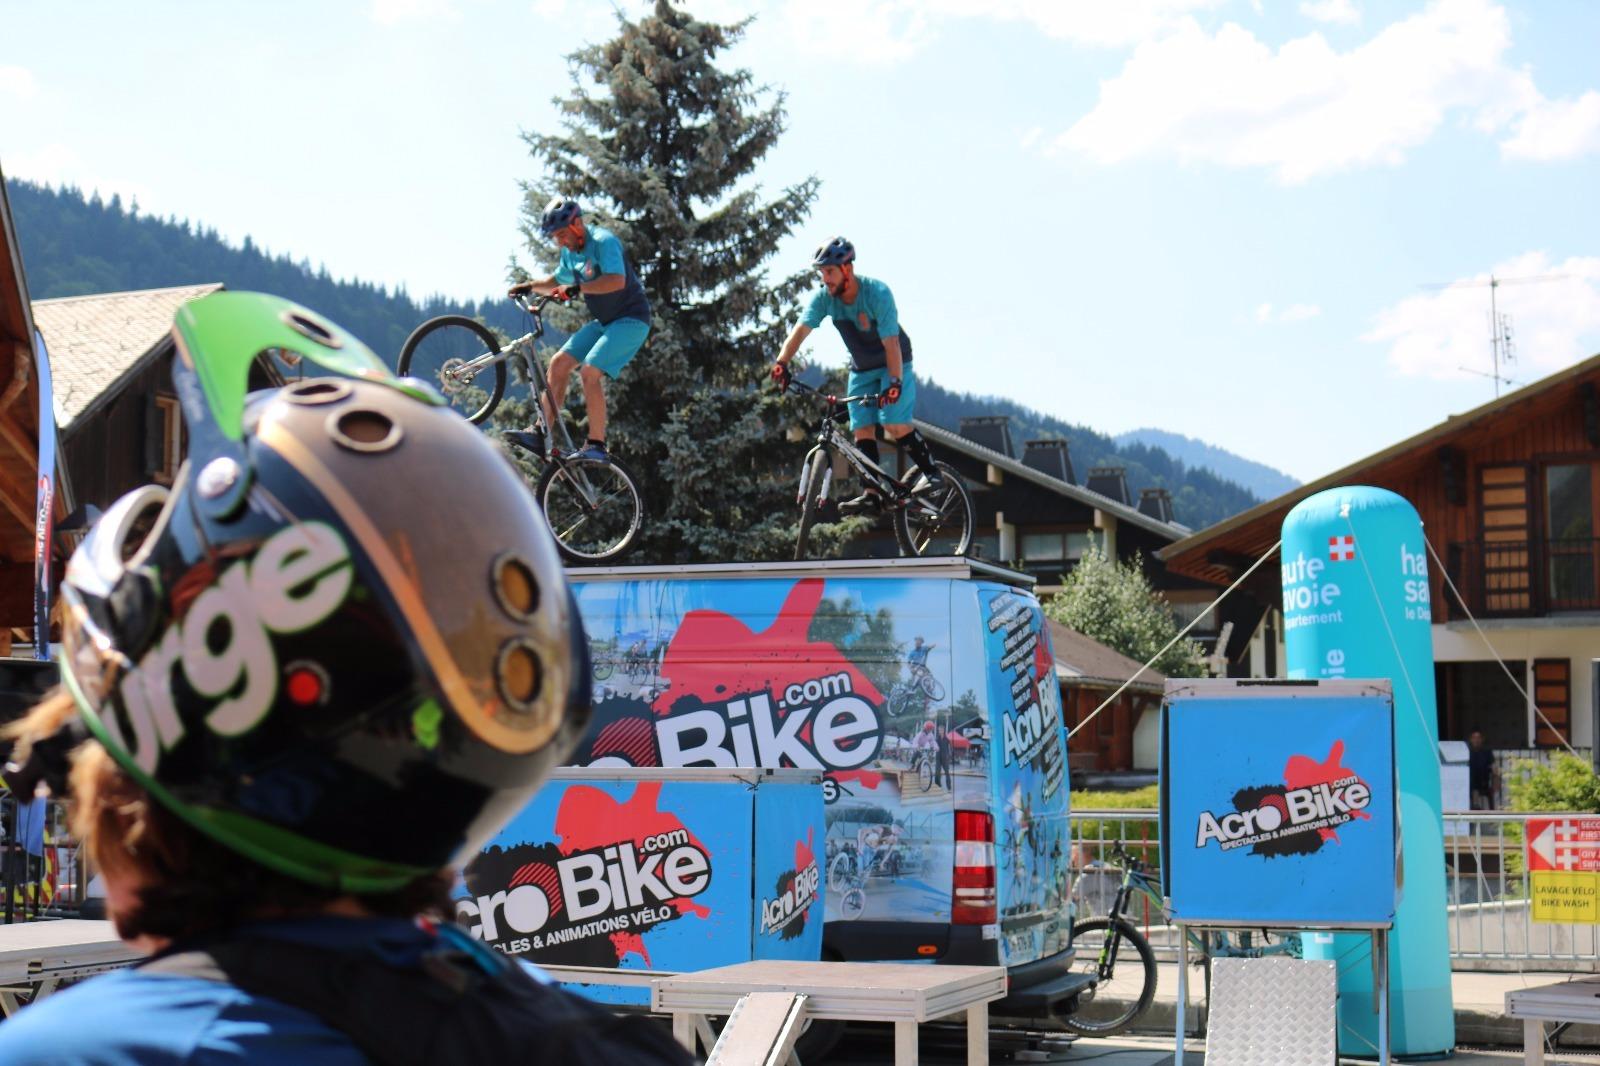 Acrobike Helmet.png